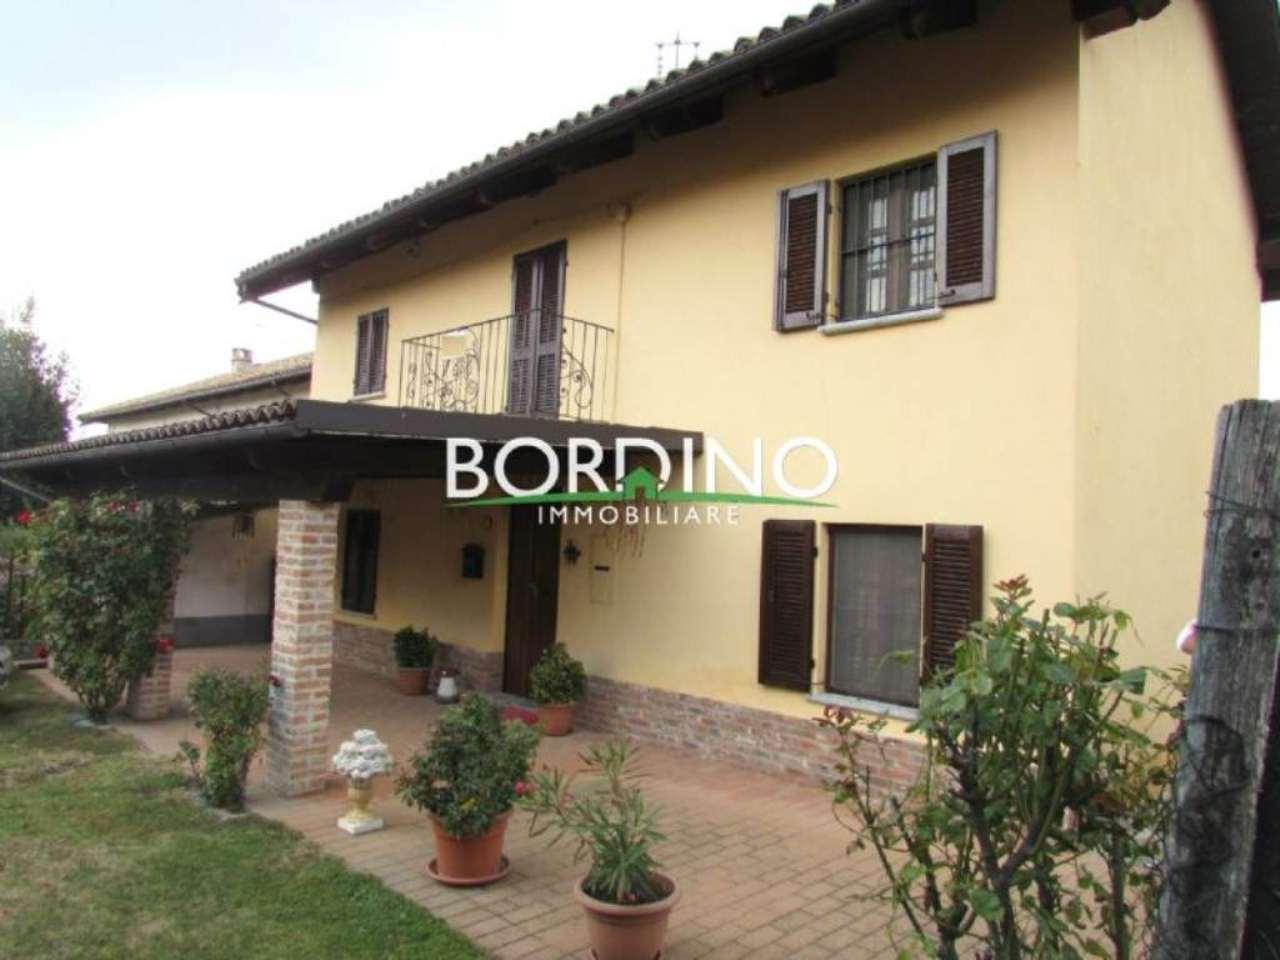 Soluzione Indipendente in vendita a Costigliole d'Asti, 5 locali, prezzo € 185.000 | Cambio Casa.it